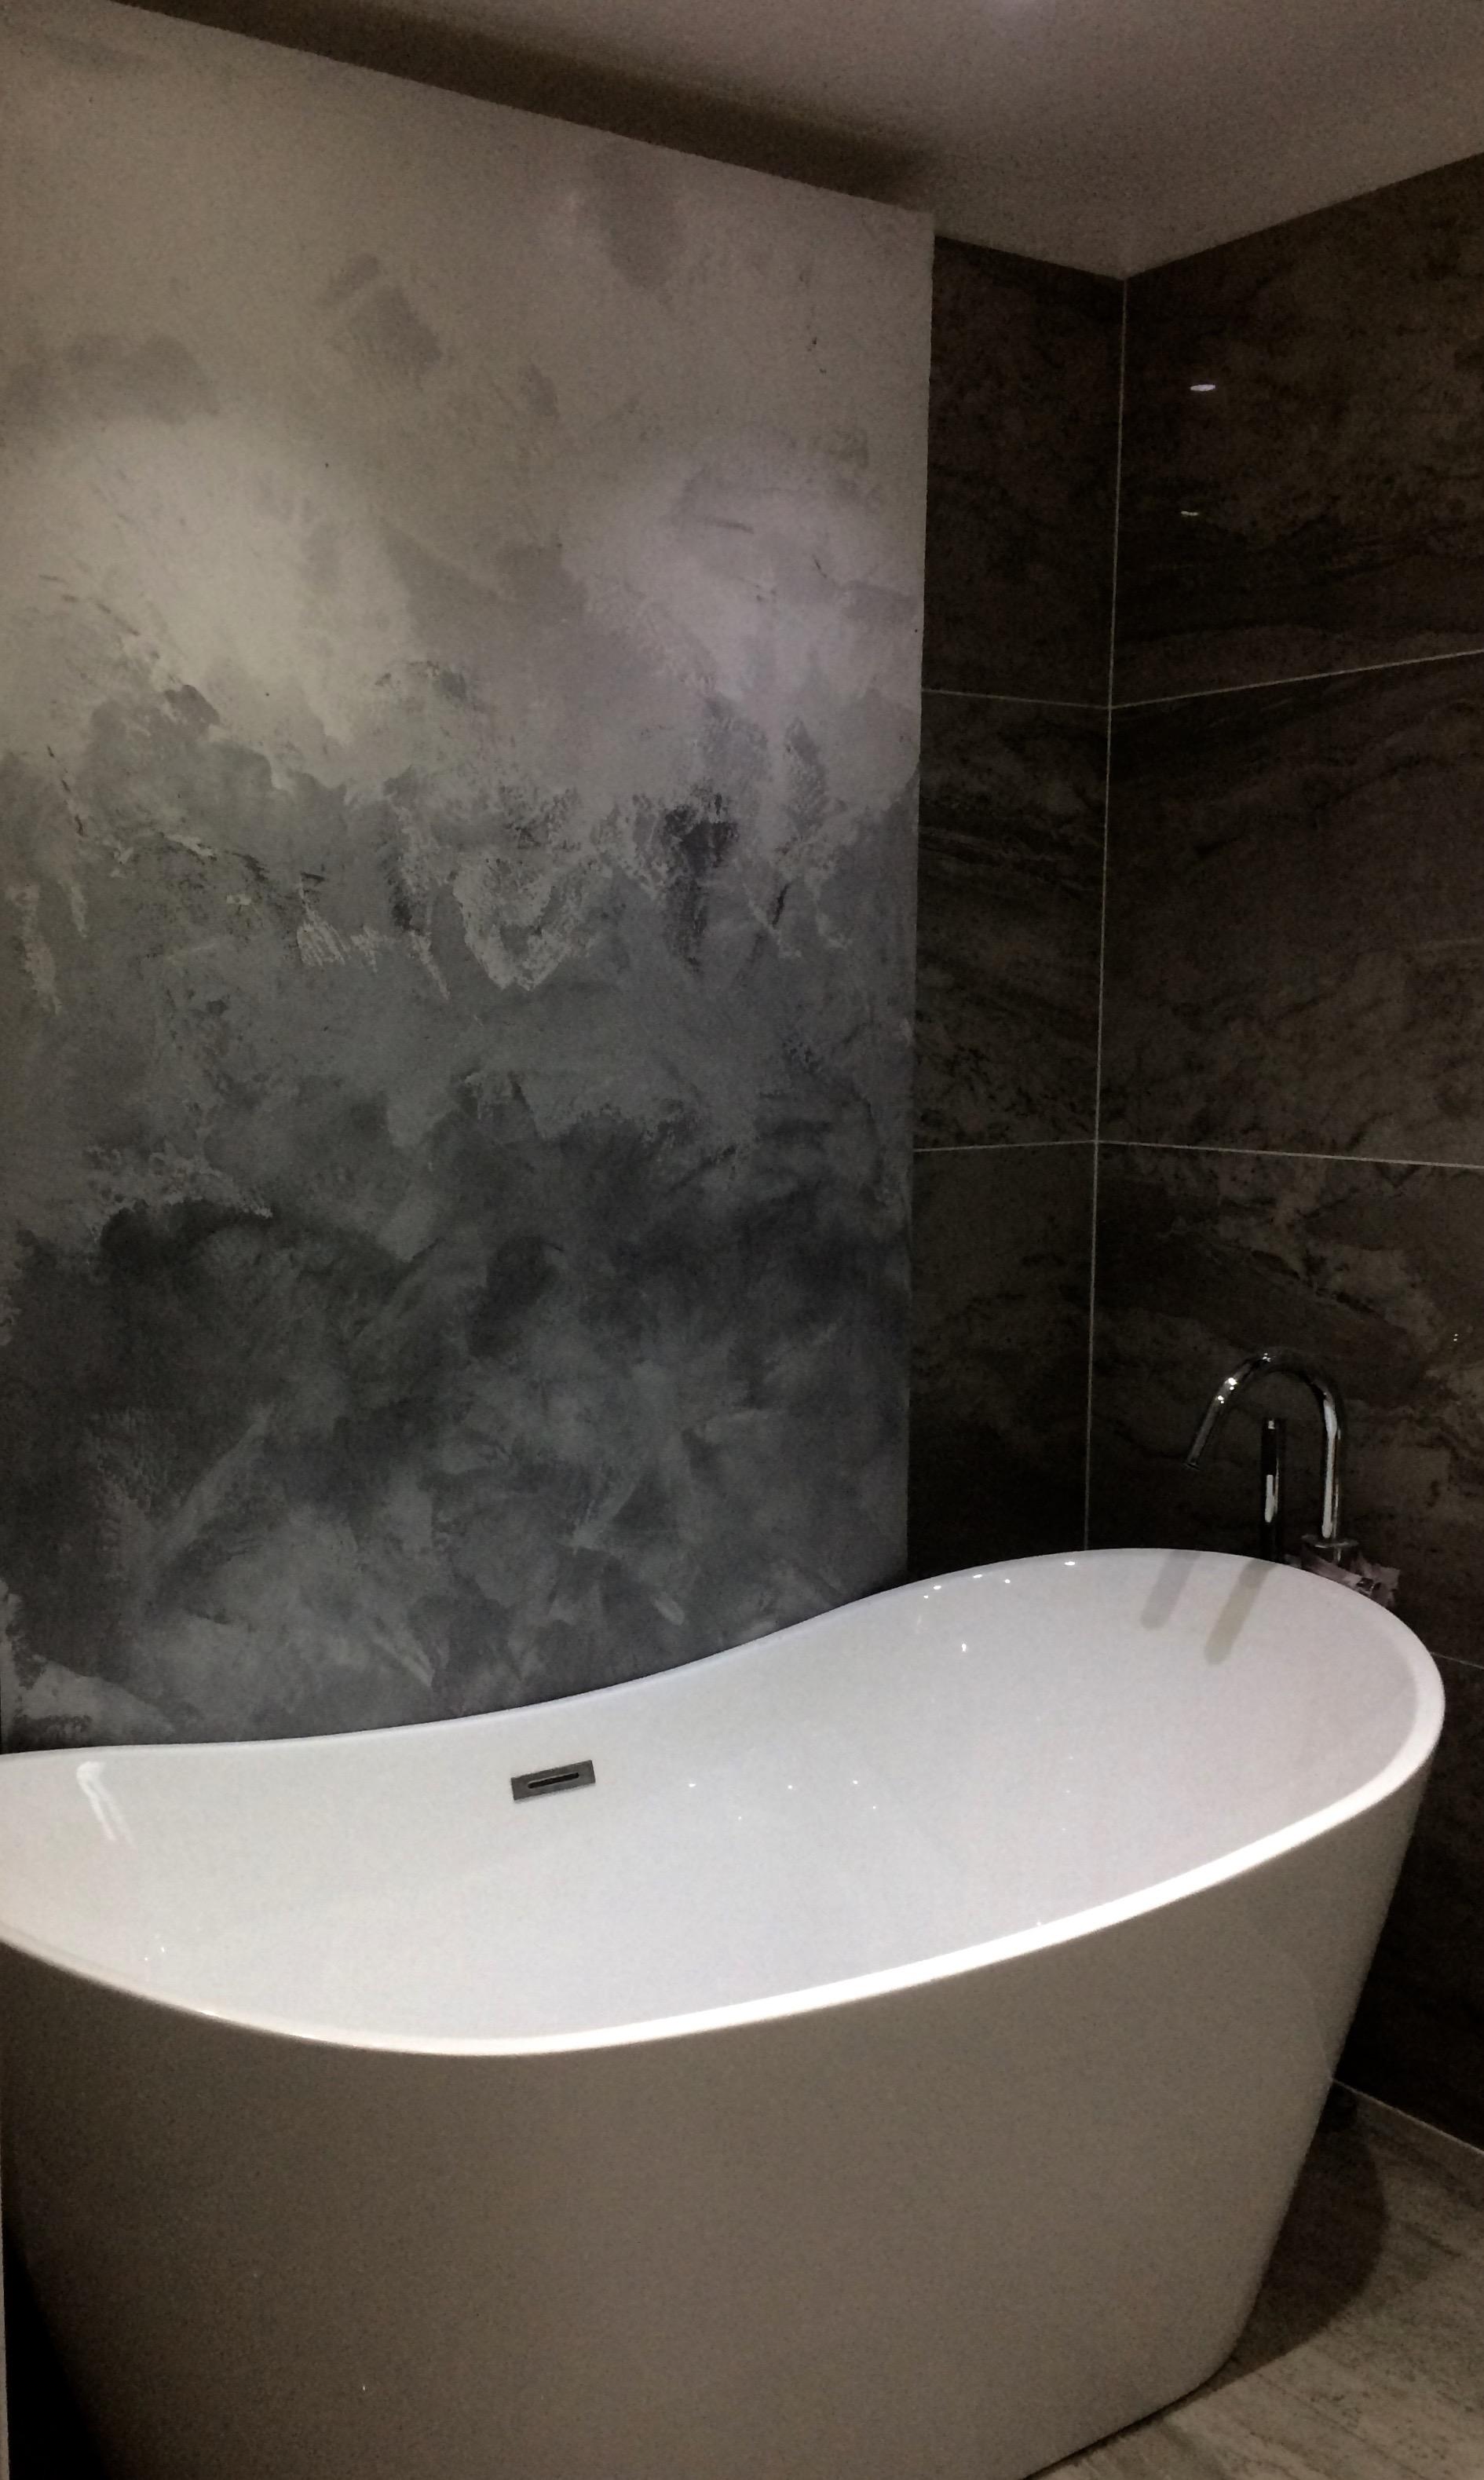 waterproof polished plaster art tone graduation absrtact art tammara mattingly fabulous finishes uk. bespoke luxury bath.jpg